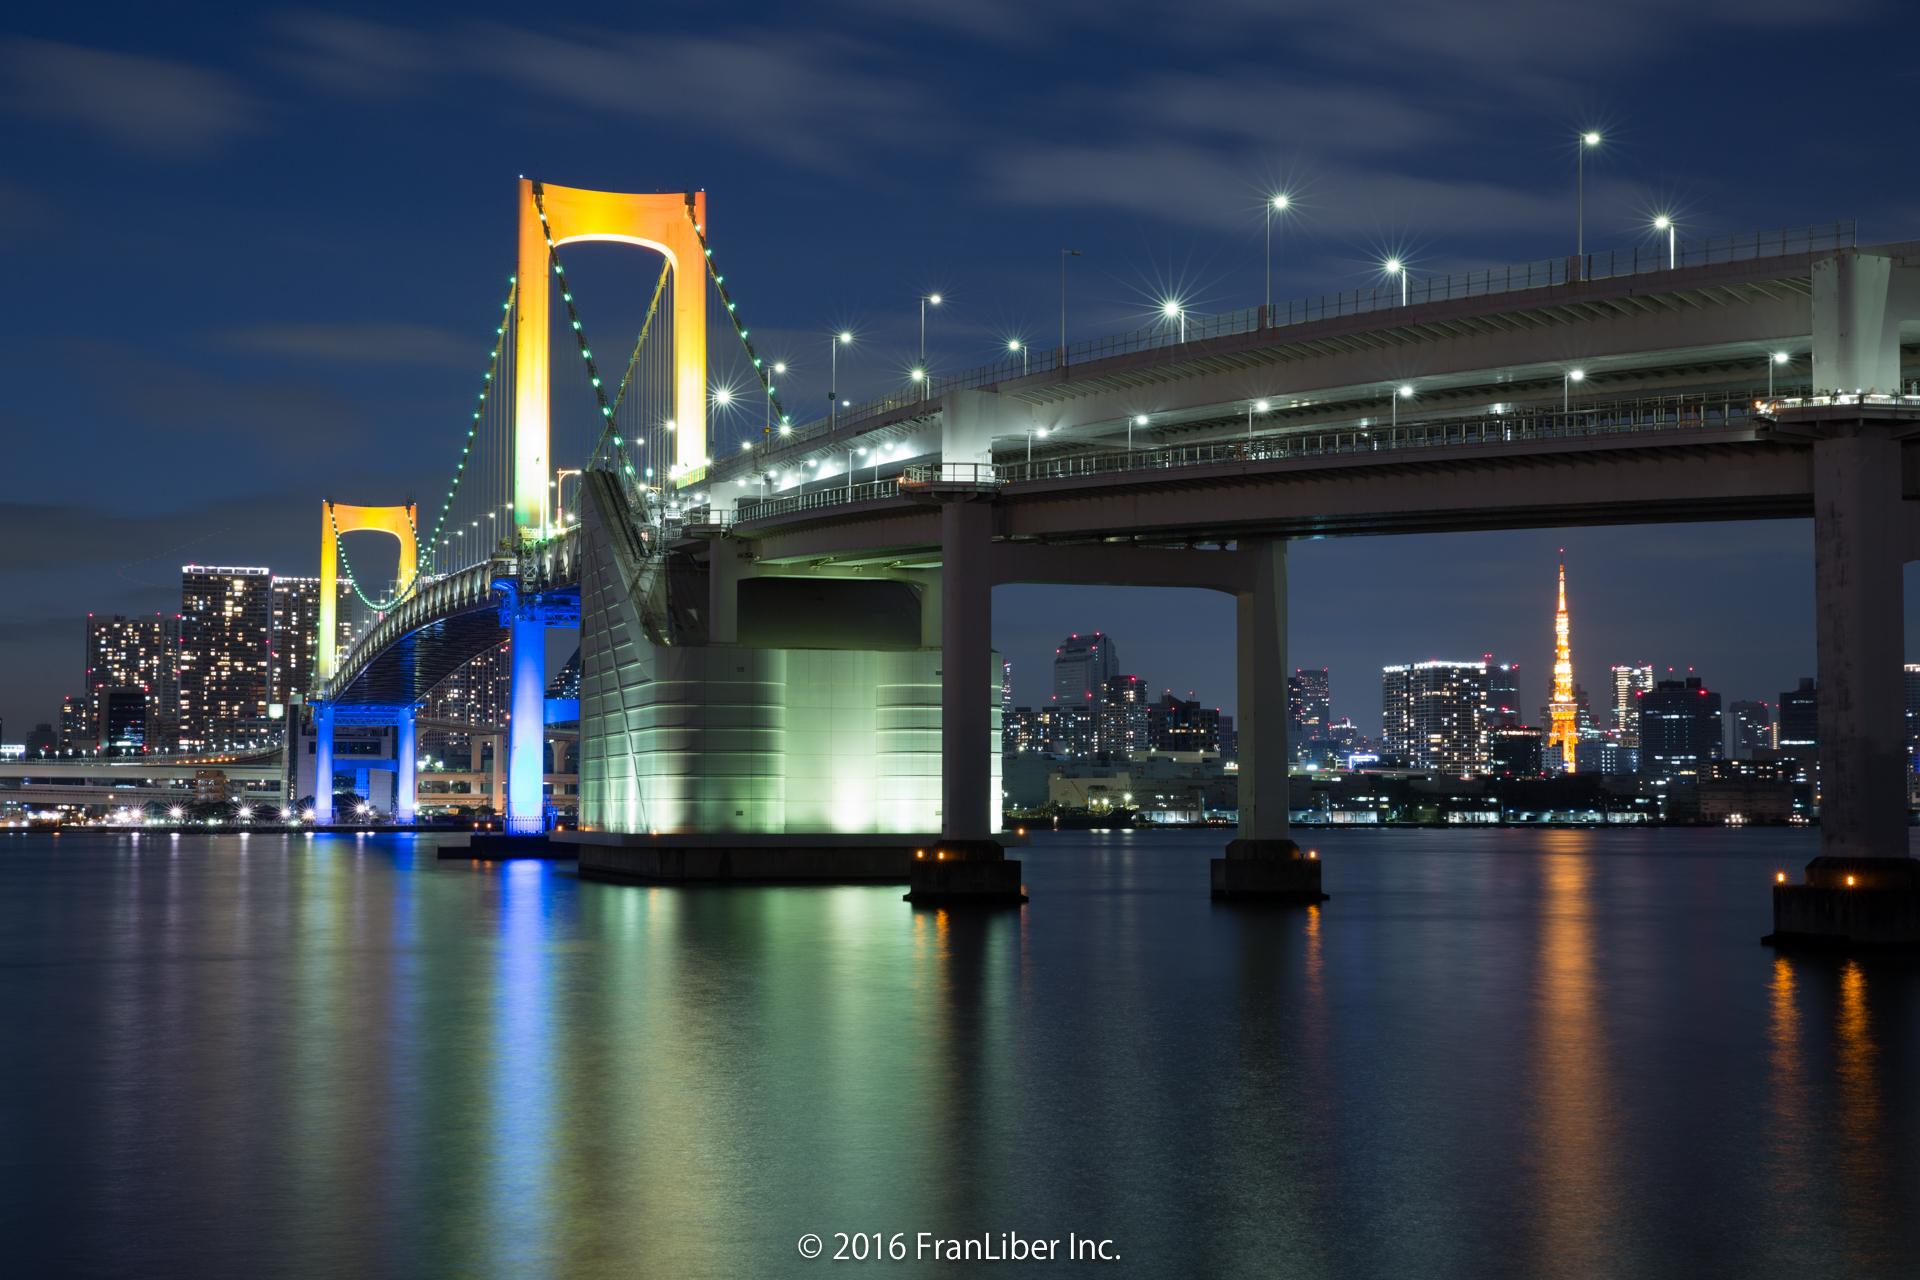 台場公園から撮影したライトアップされたレインボーブリッジ